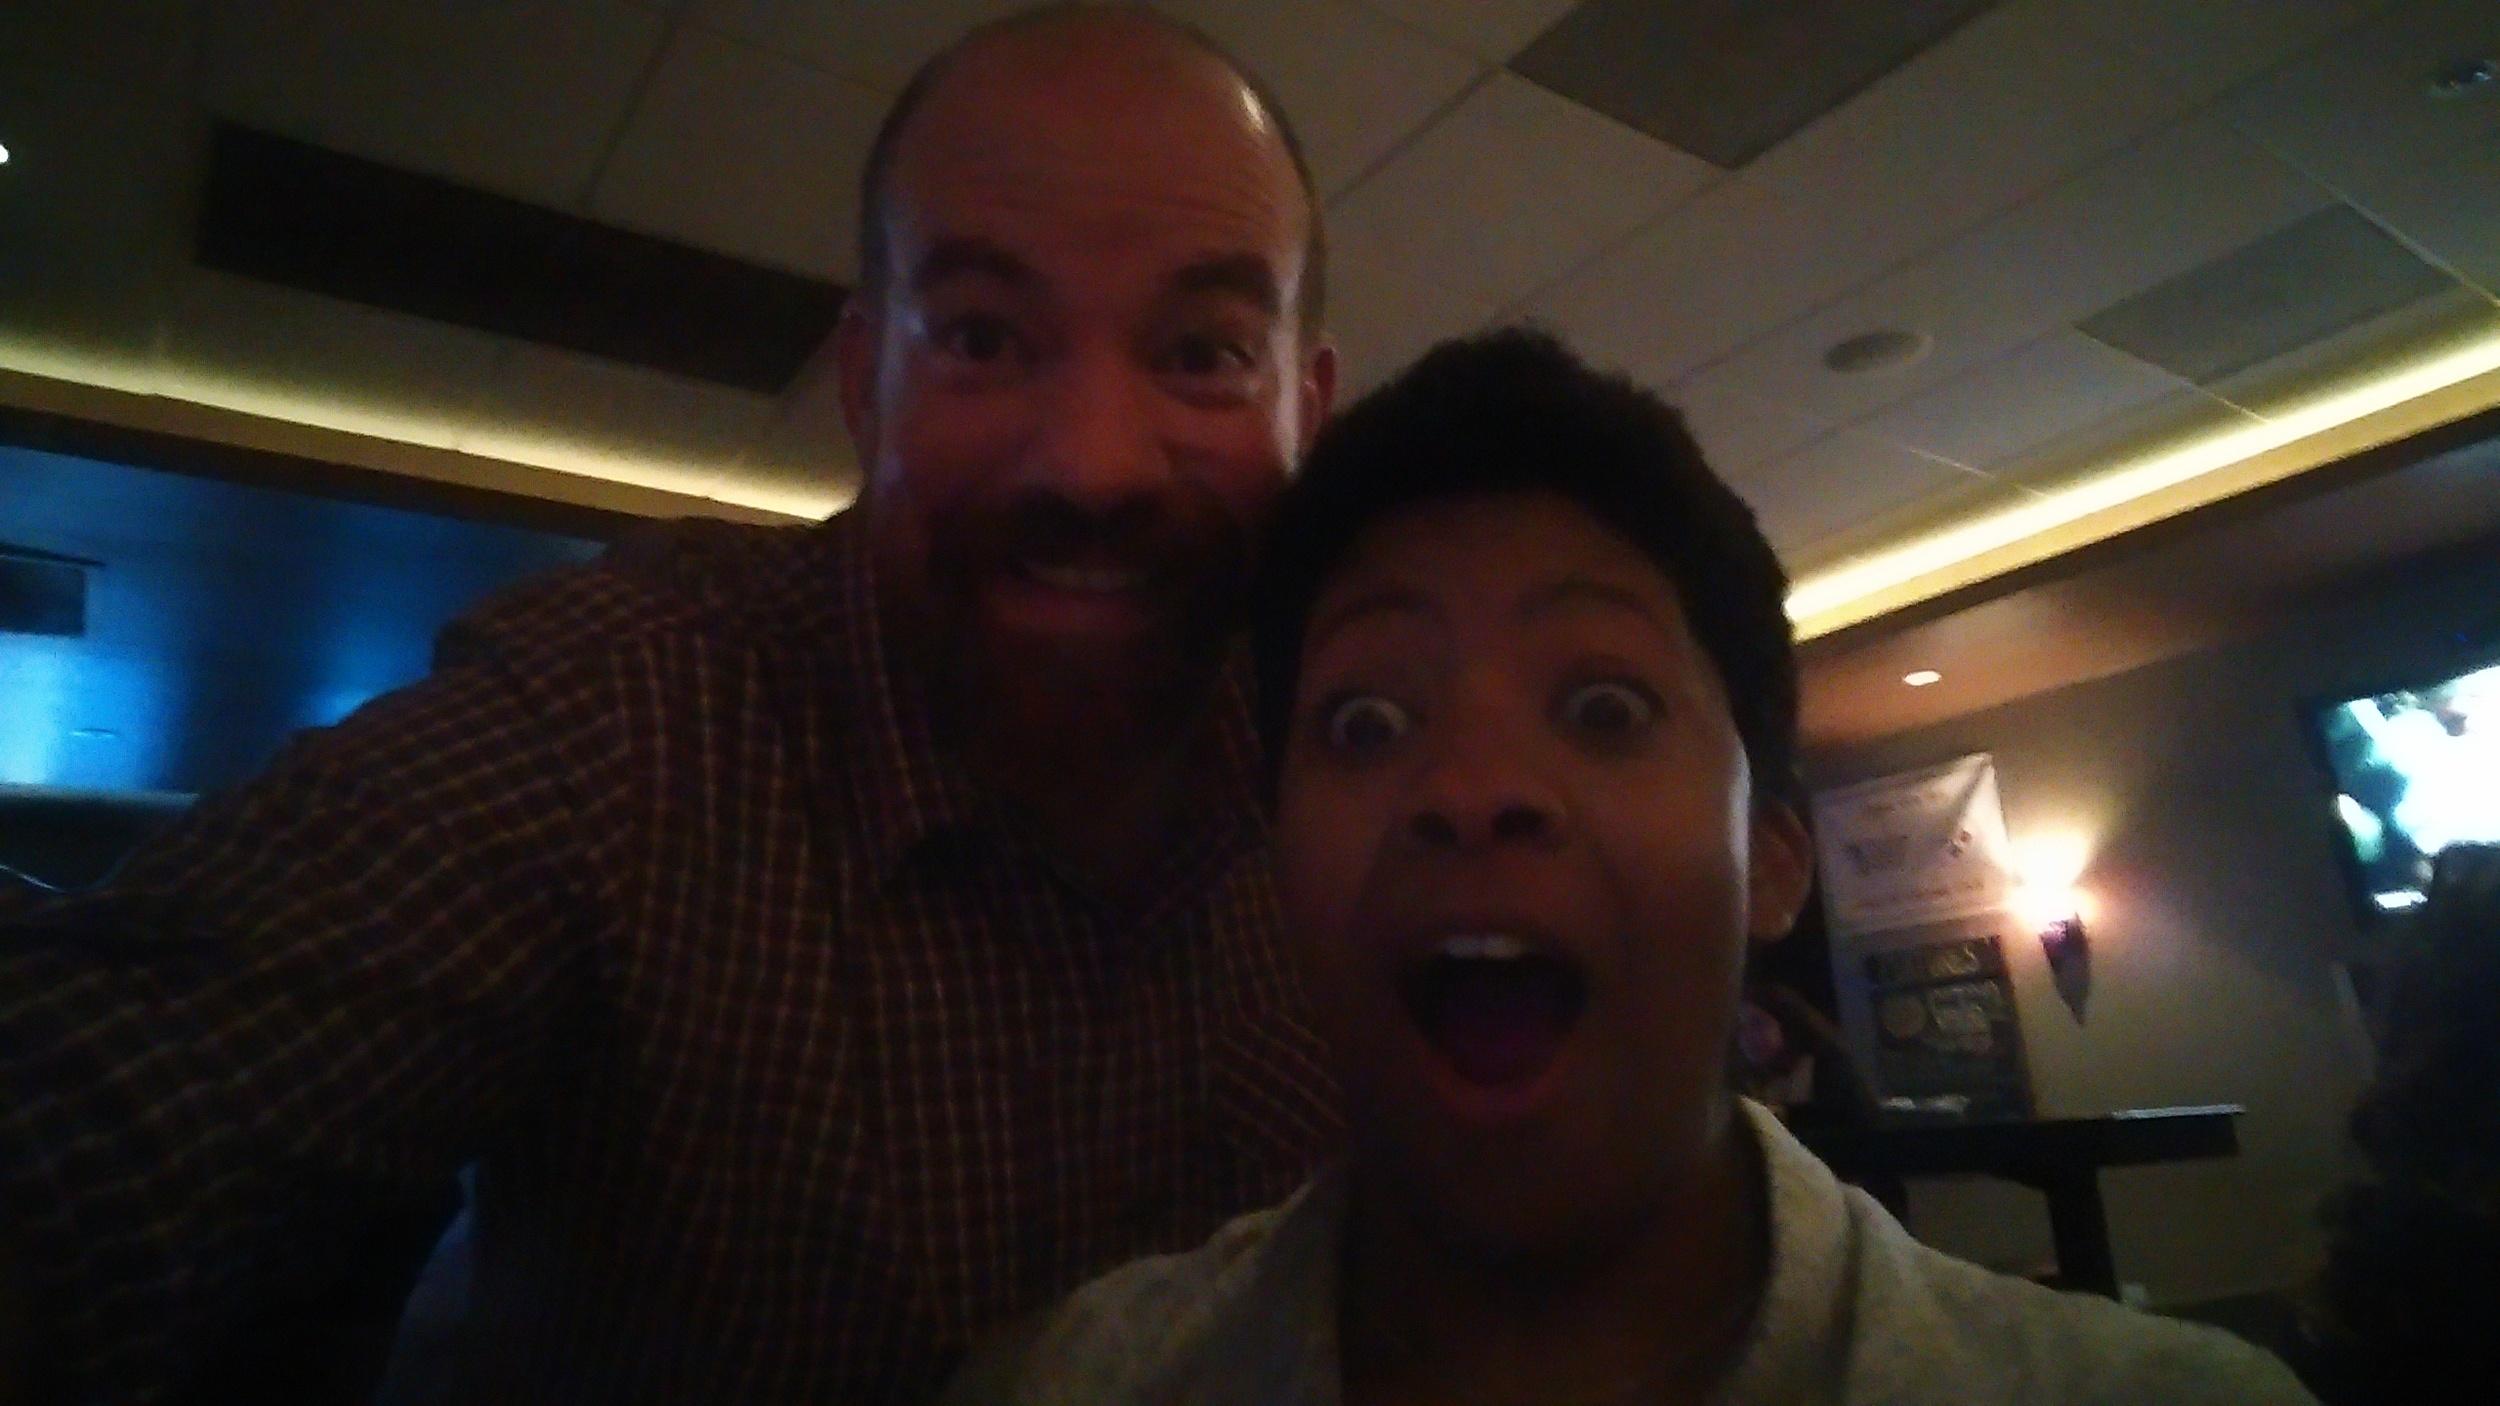 Poorly lit selfie of Brenda and me.